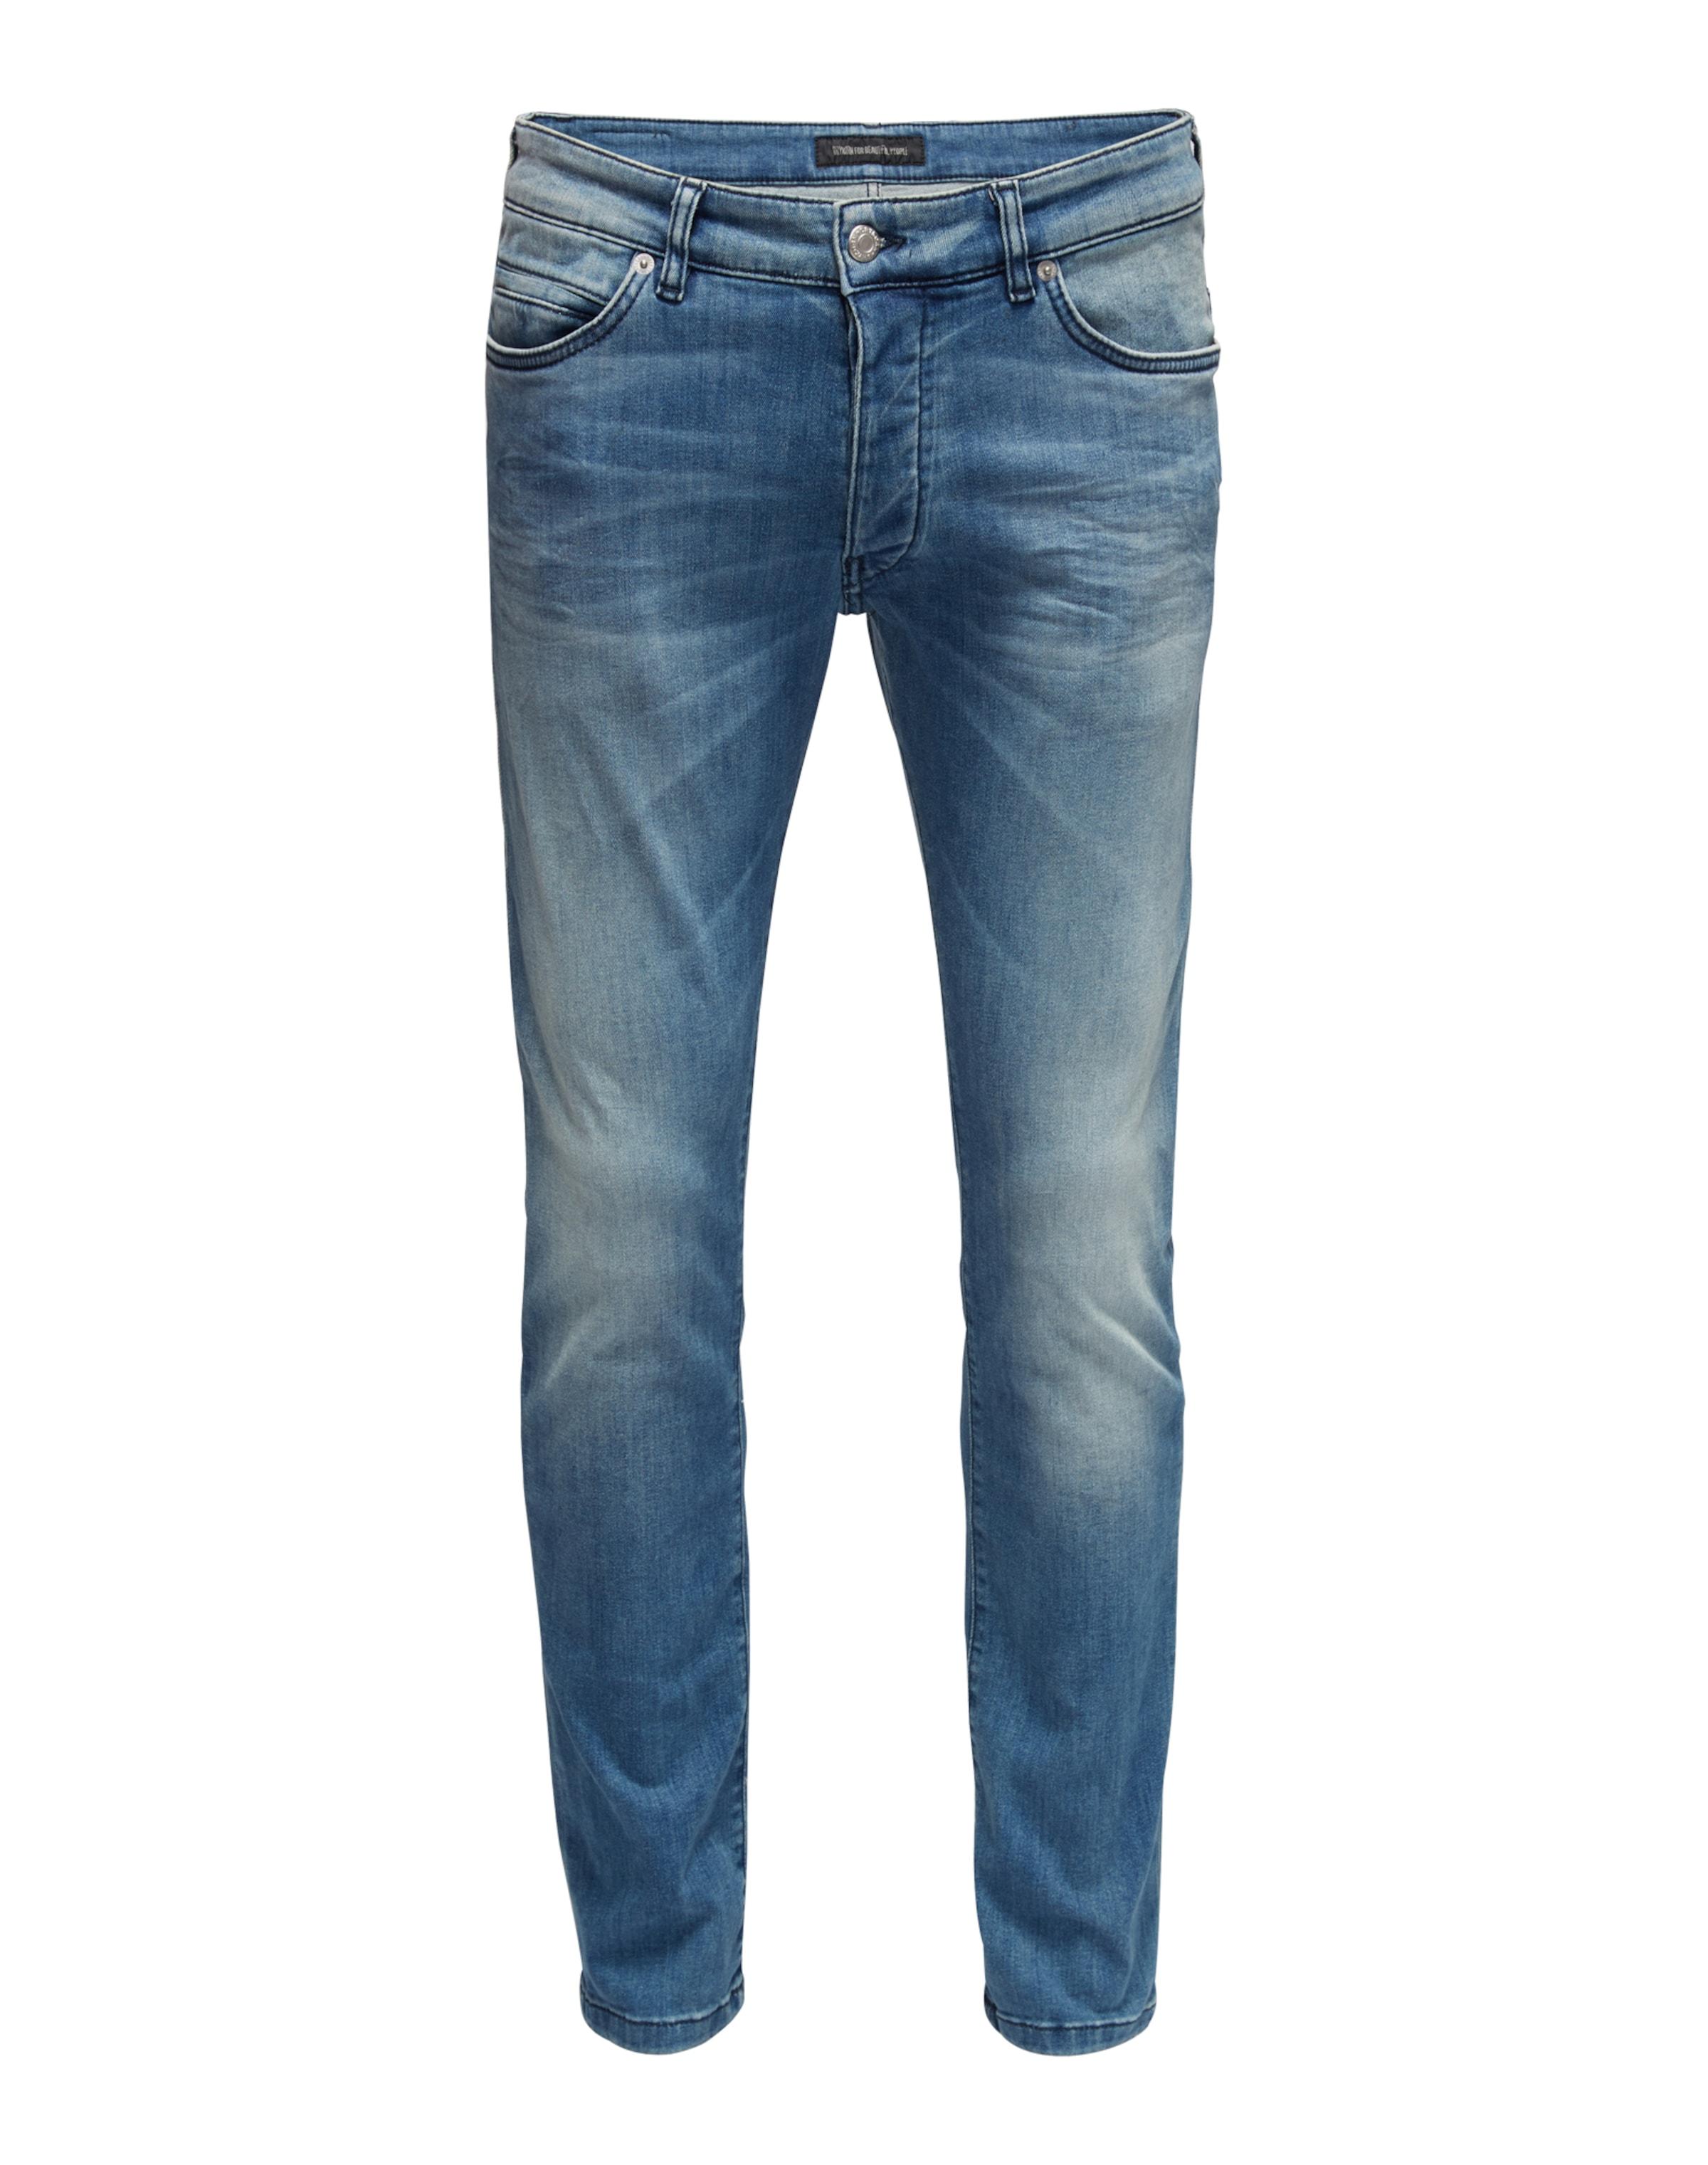 DRYKORN Jeans 'Jaz' Freies Verschiffen Preiswerteste nHVaAXRf6a